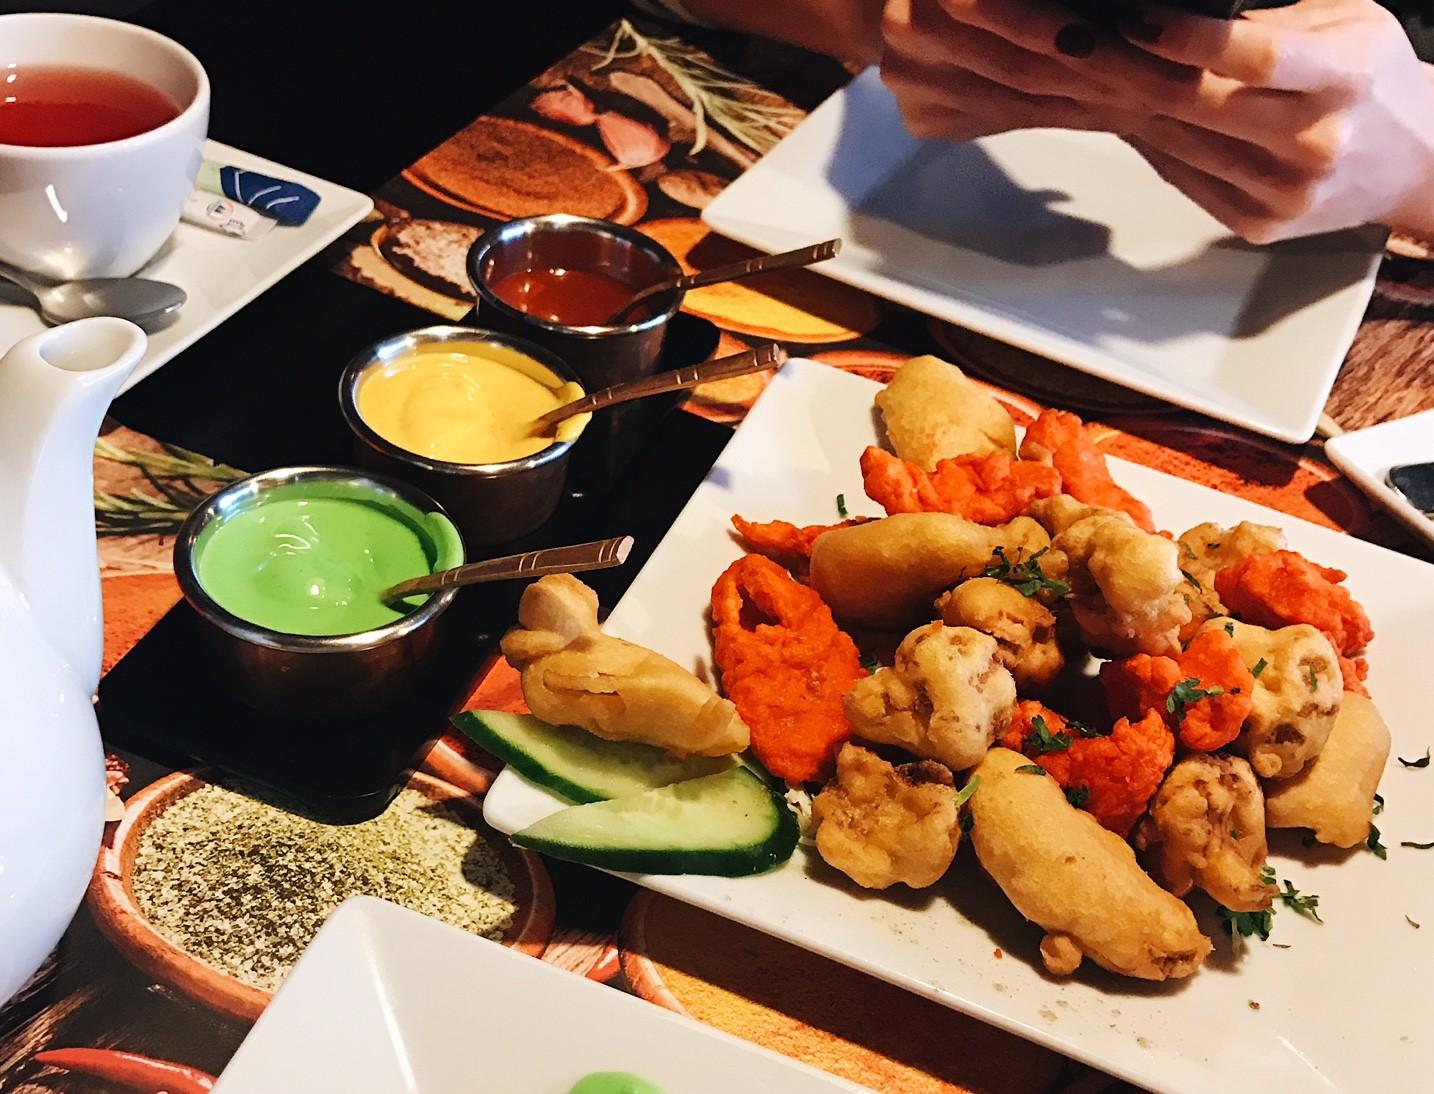 Restauracja Indyjska Mantra Gdzie Zjesc W Gdansk